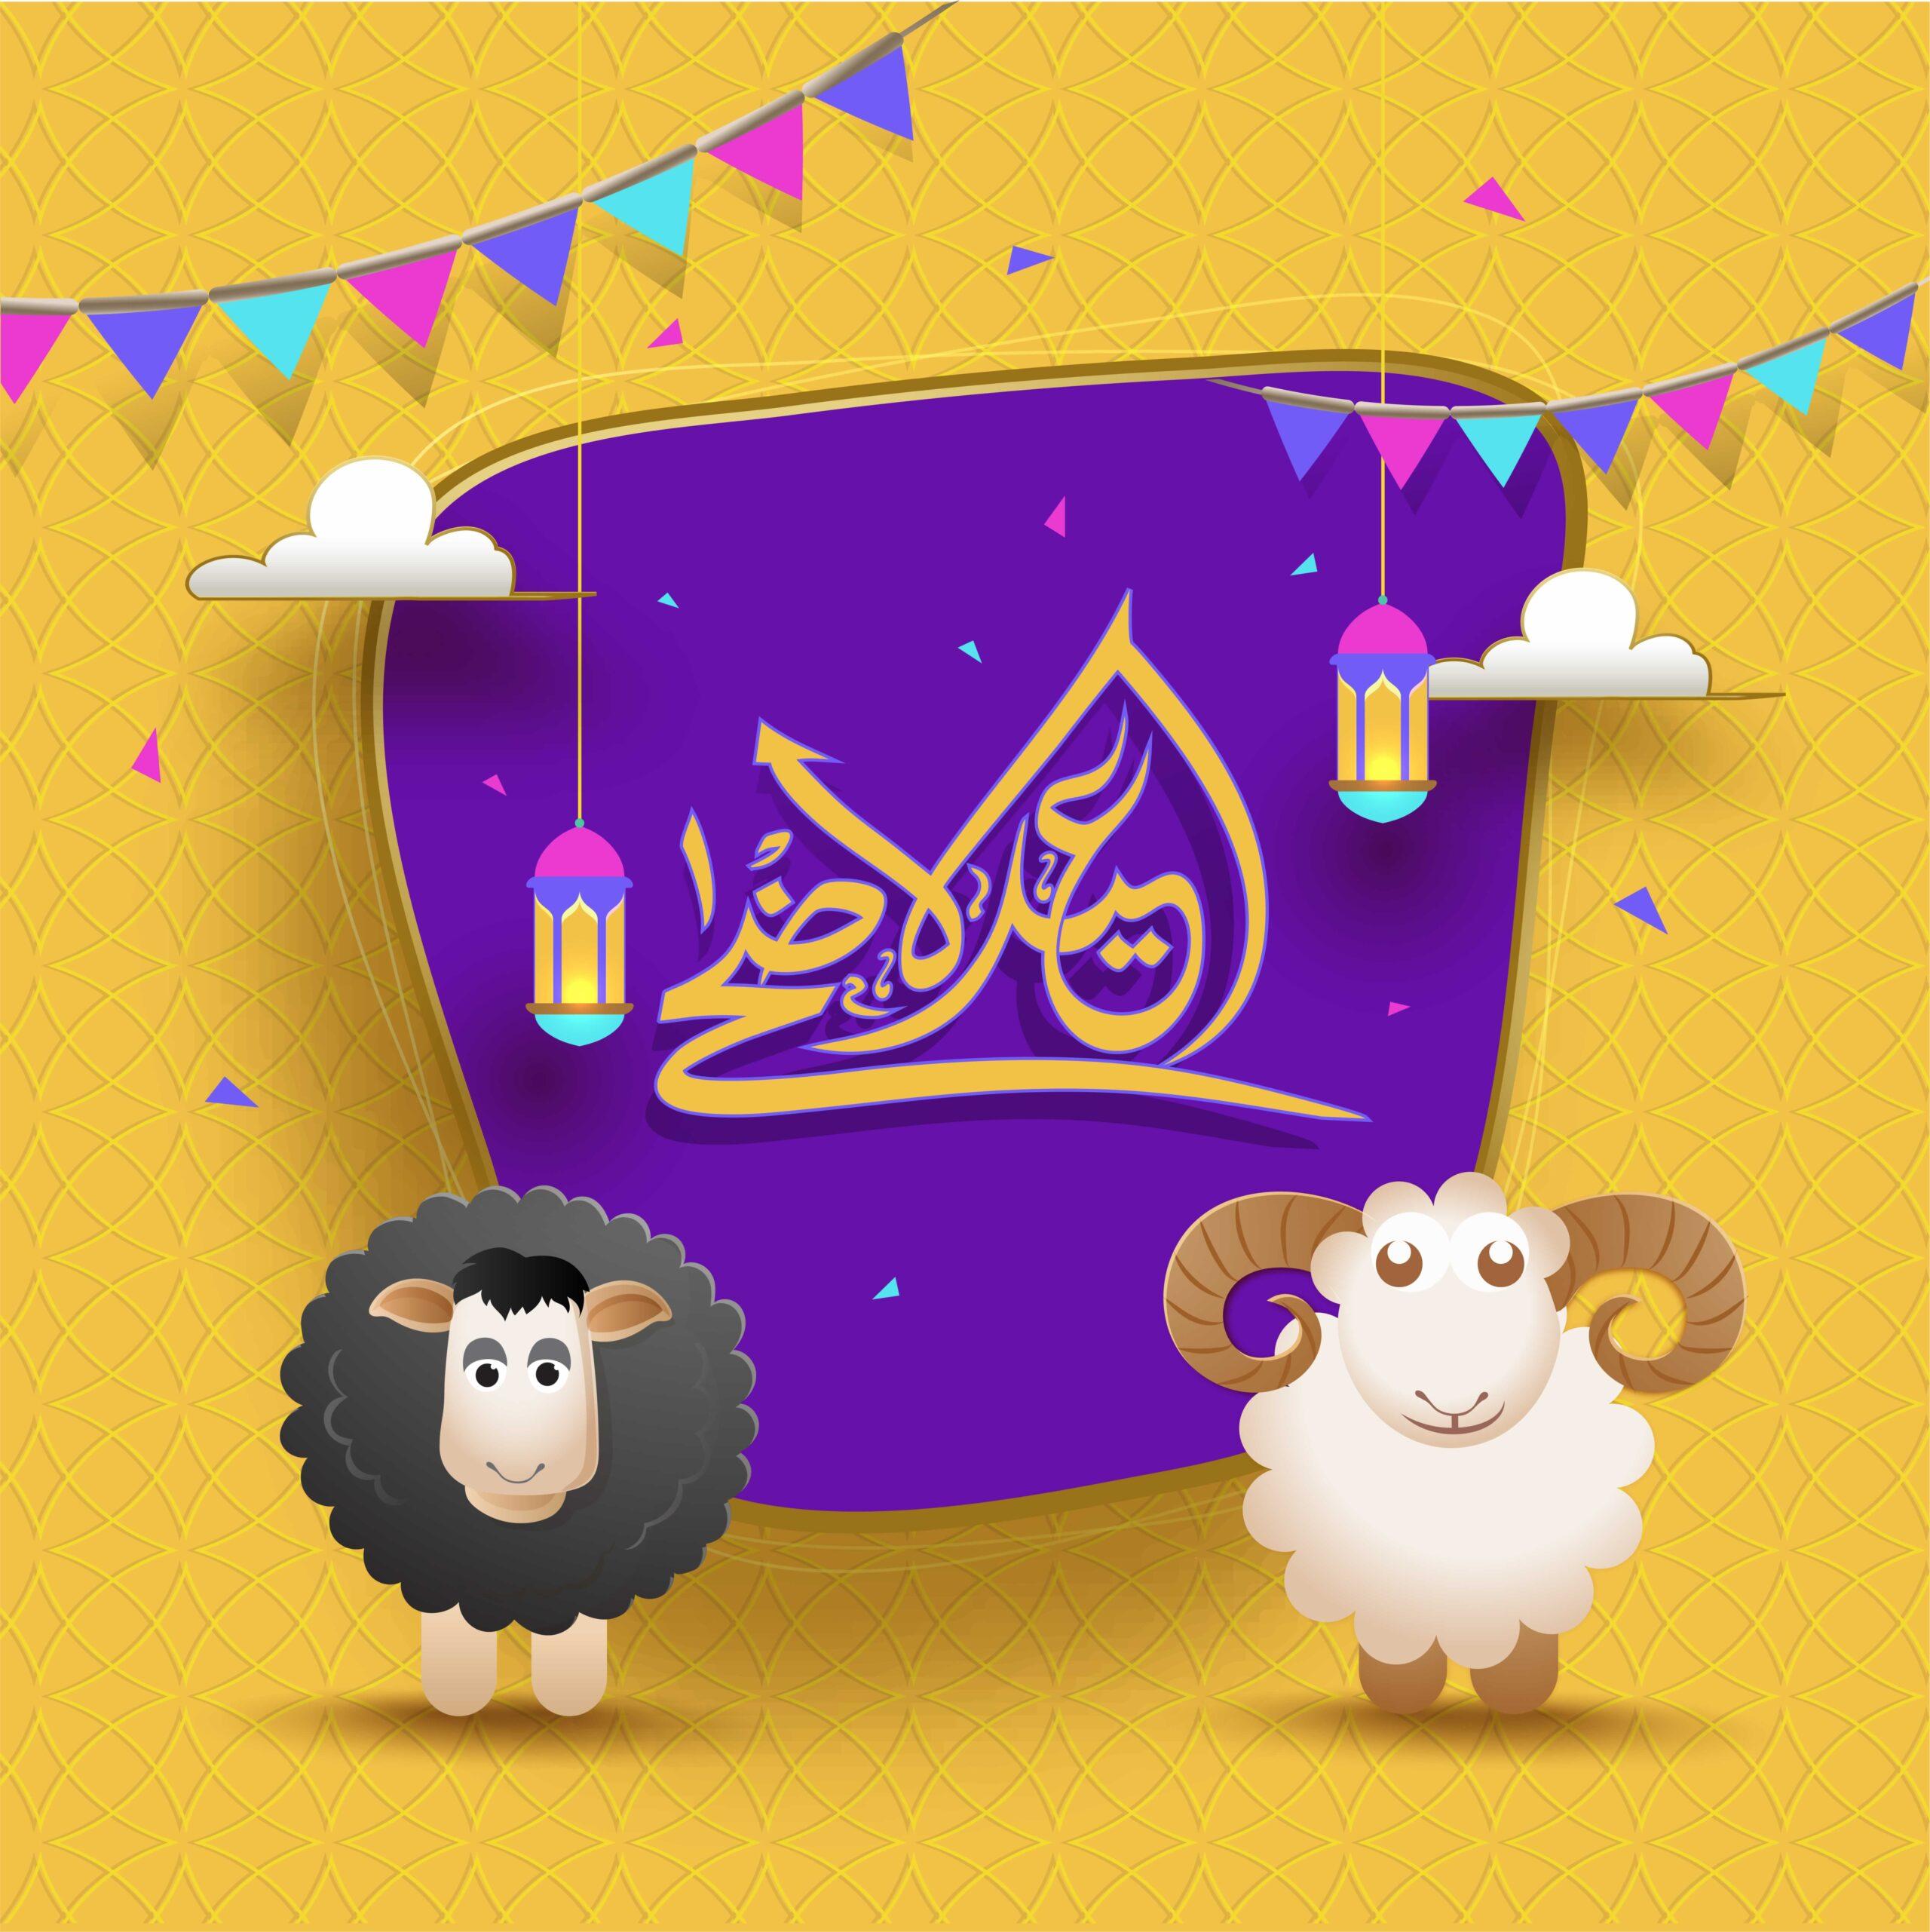 Love of faith and family run deep during Eid al-Adha